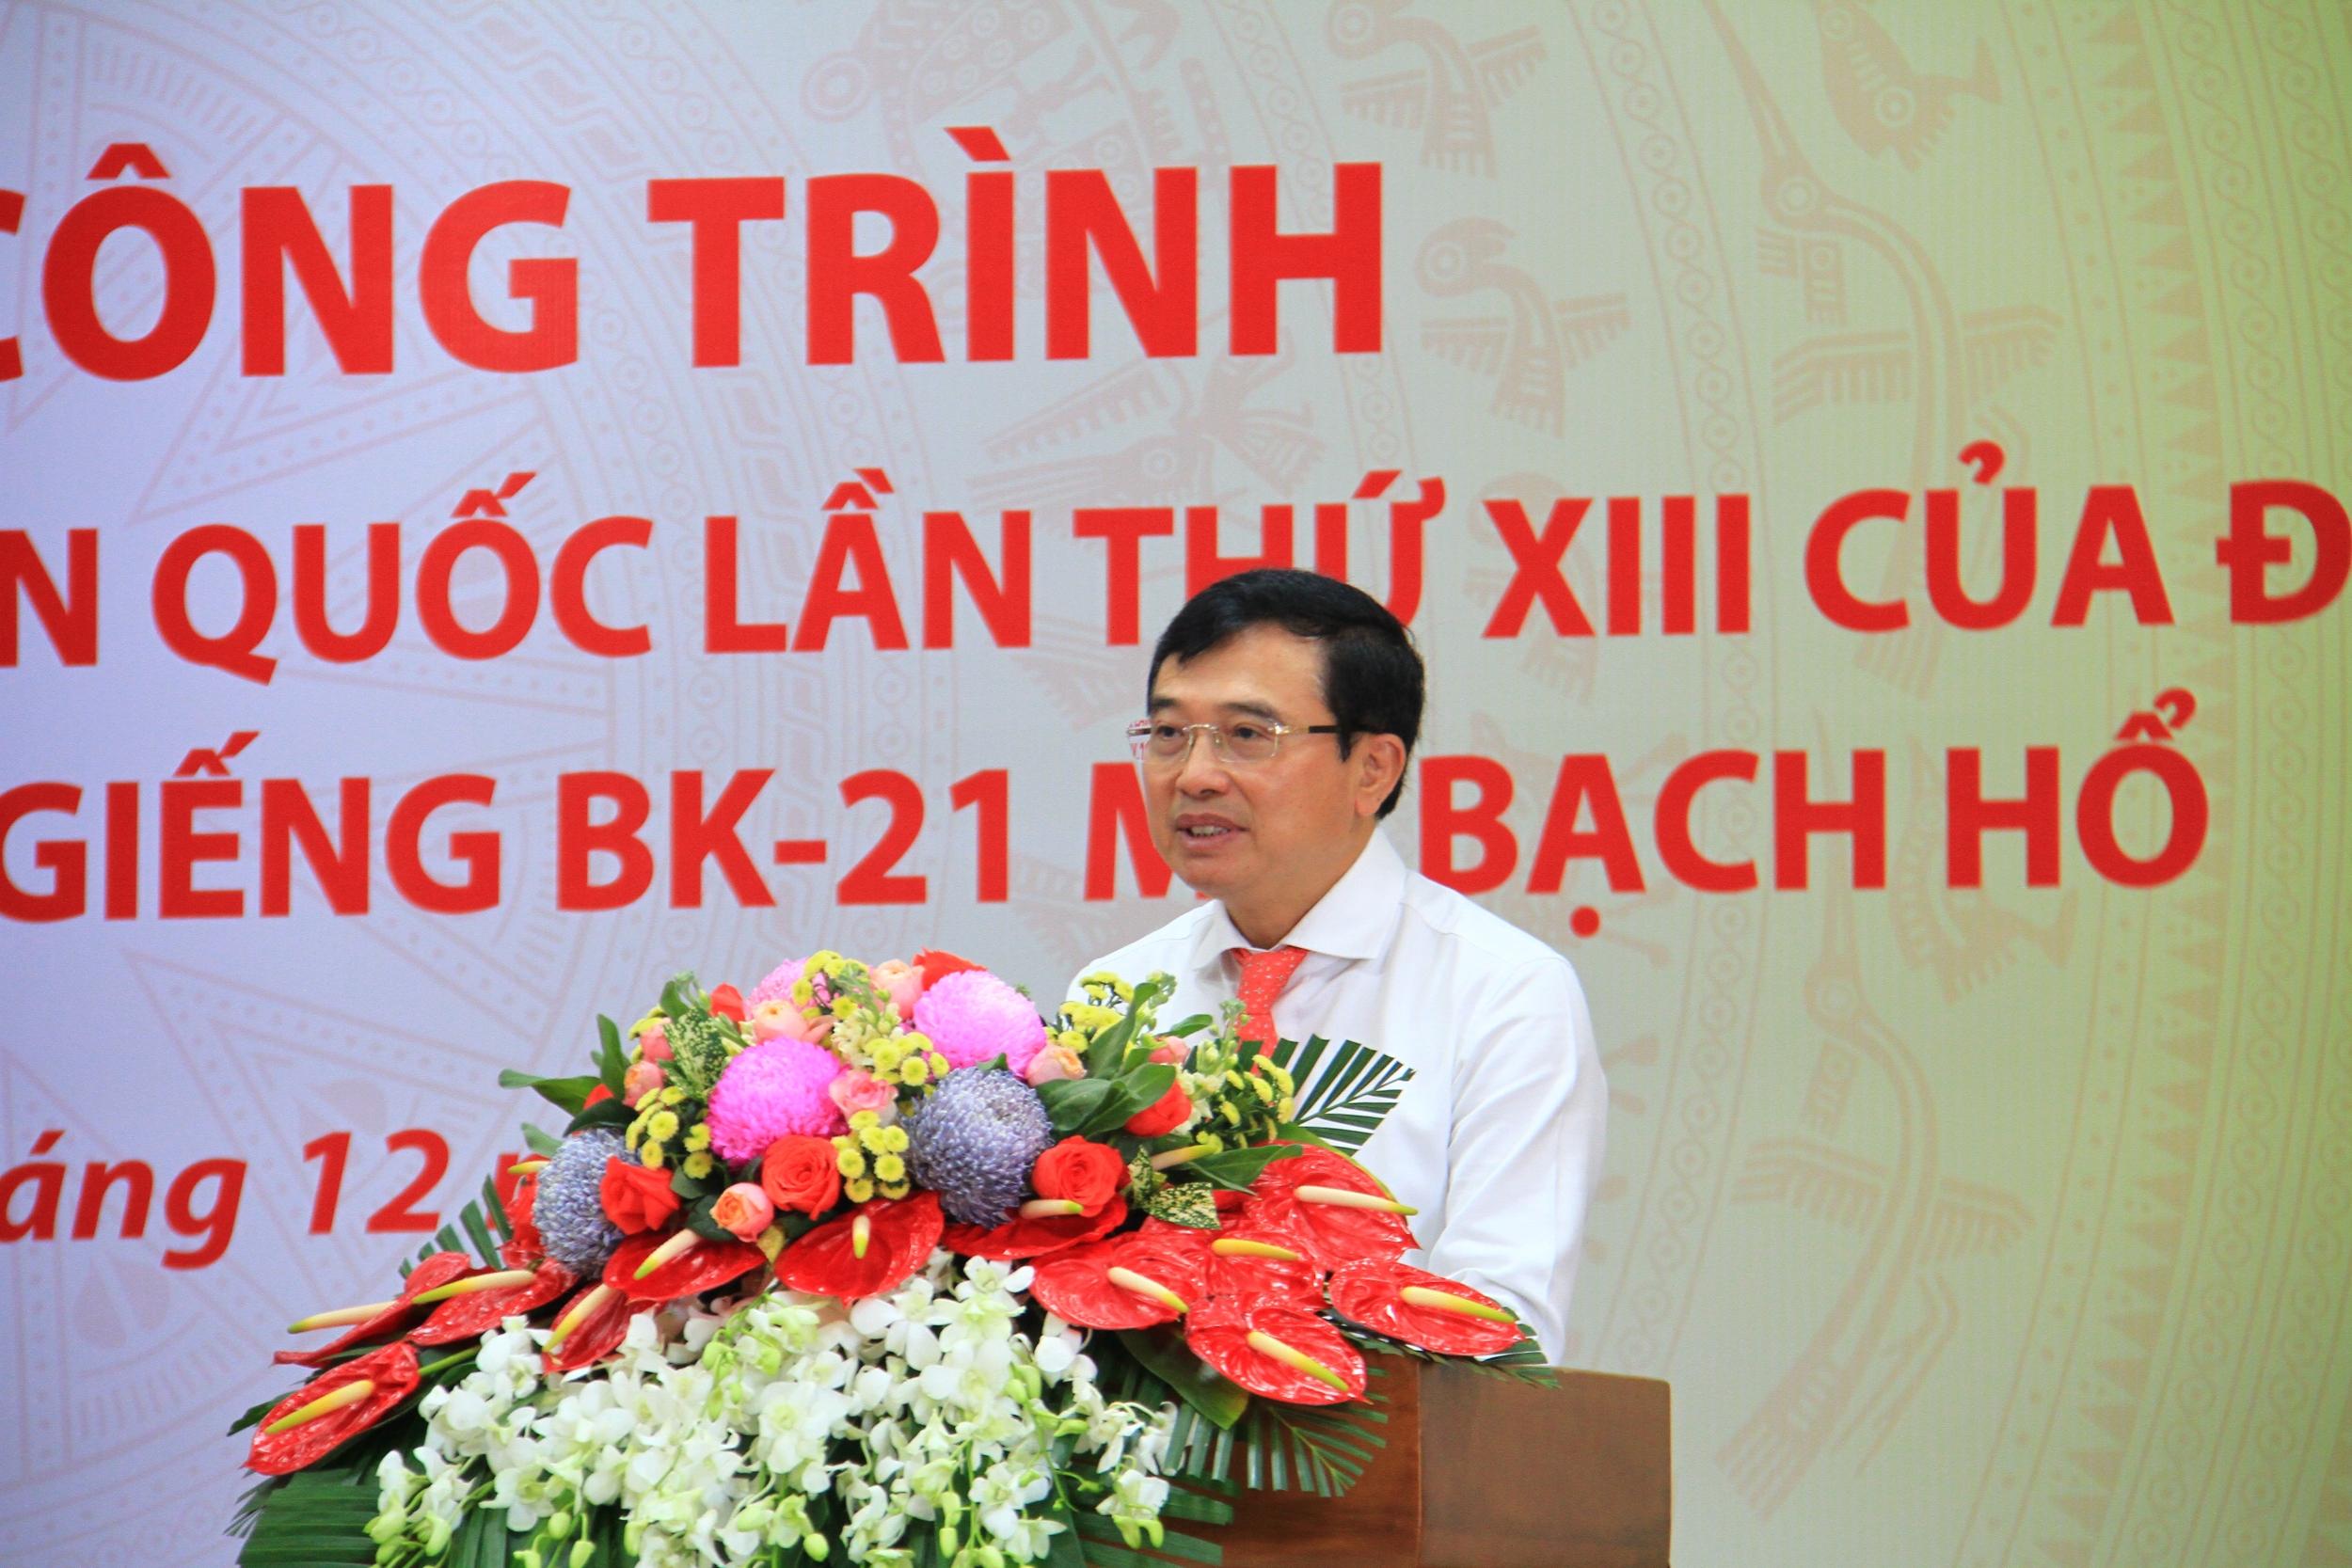 """Gắn biển công trình """"Giàn BK-21 mỏ Bạch Hổ"""" chào mừng Đại hội Đảng toàn quốc lần thứ XIII"""